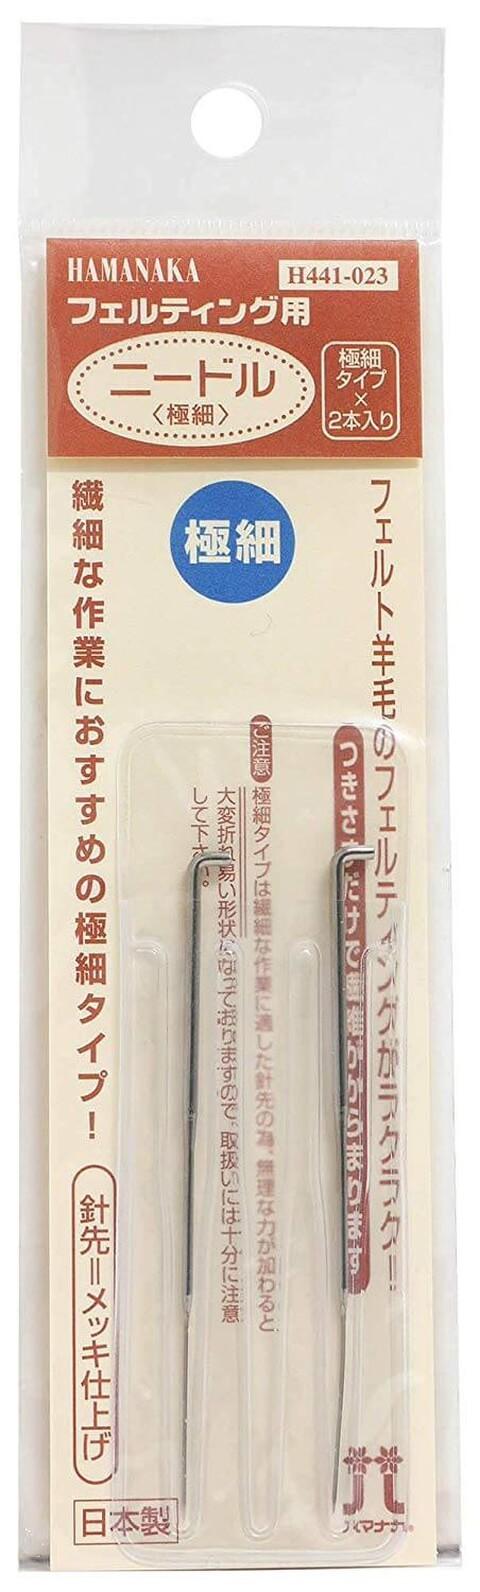 needle_gokuboso